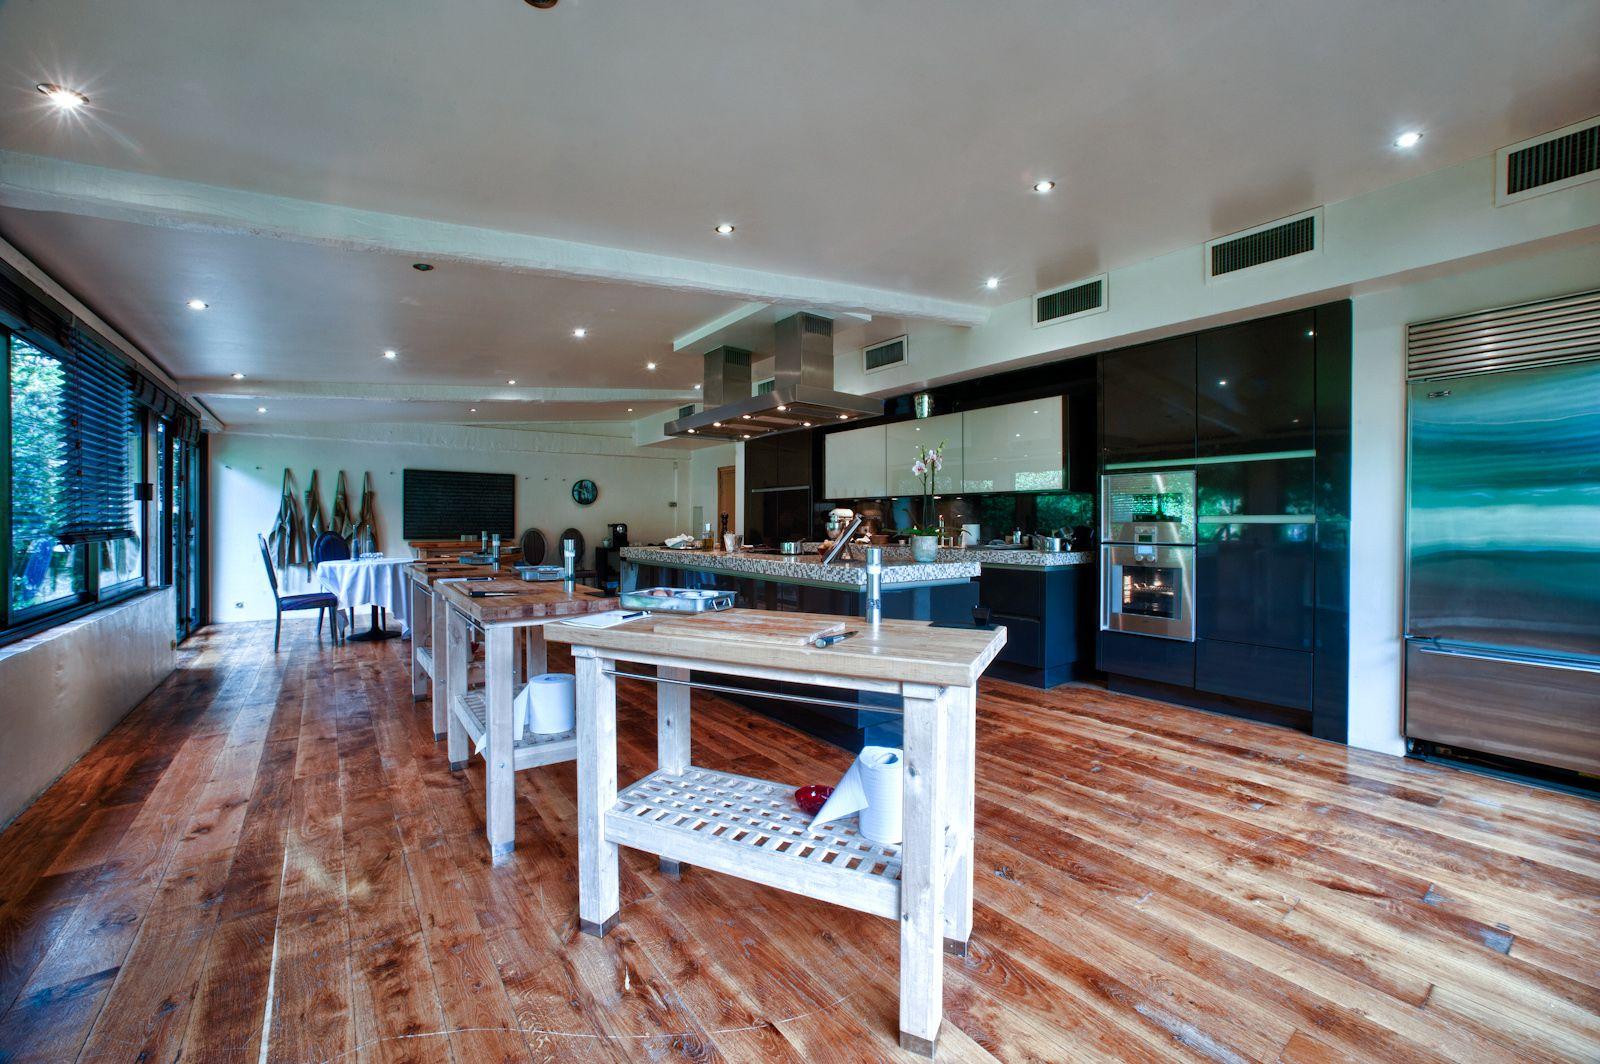 La salle mise à disposition pour les cours de cuisine.